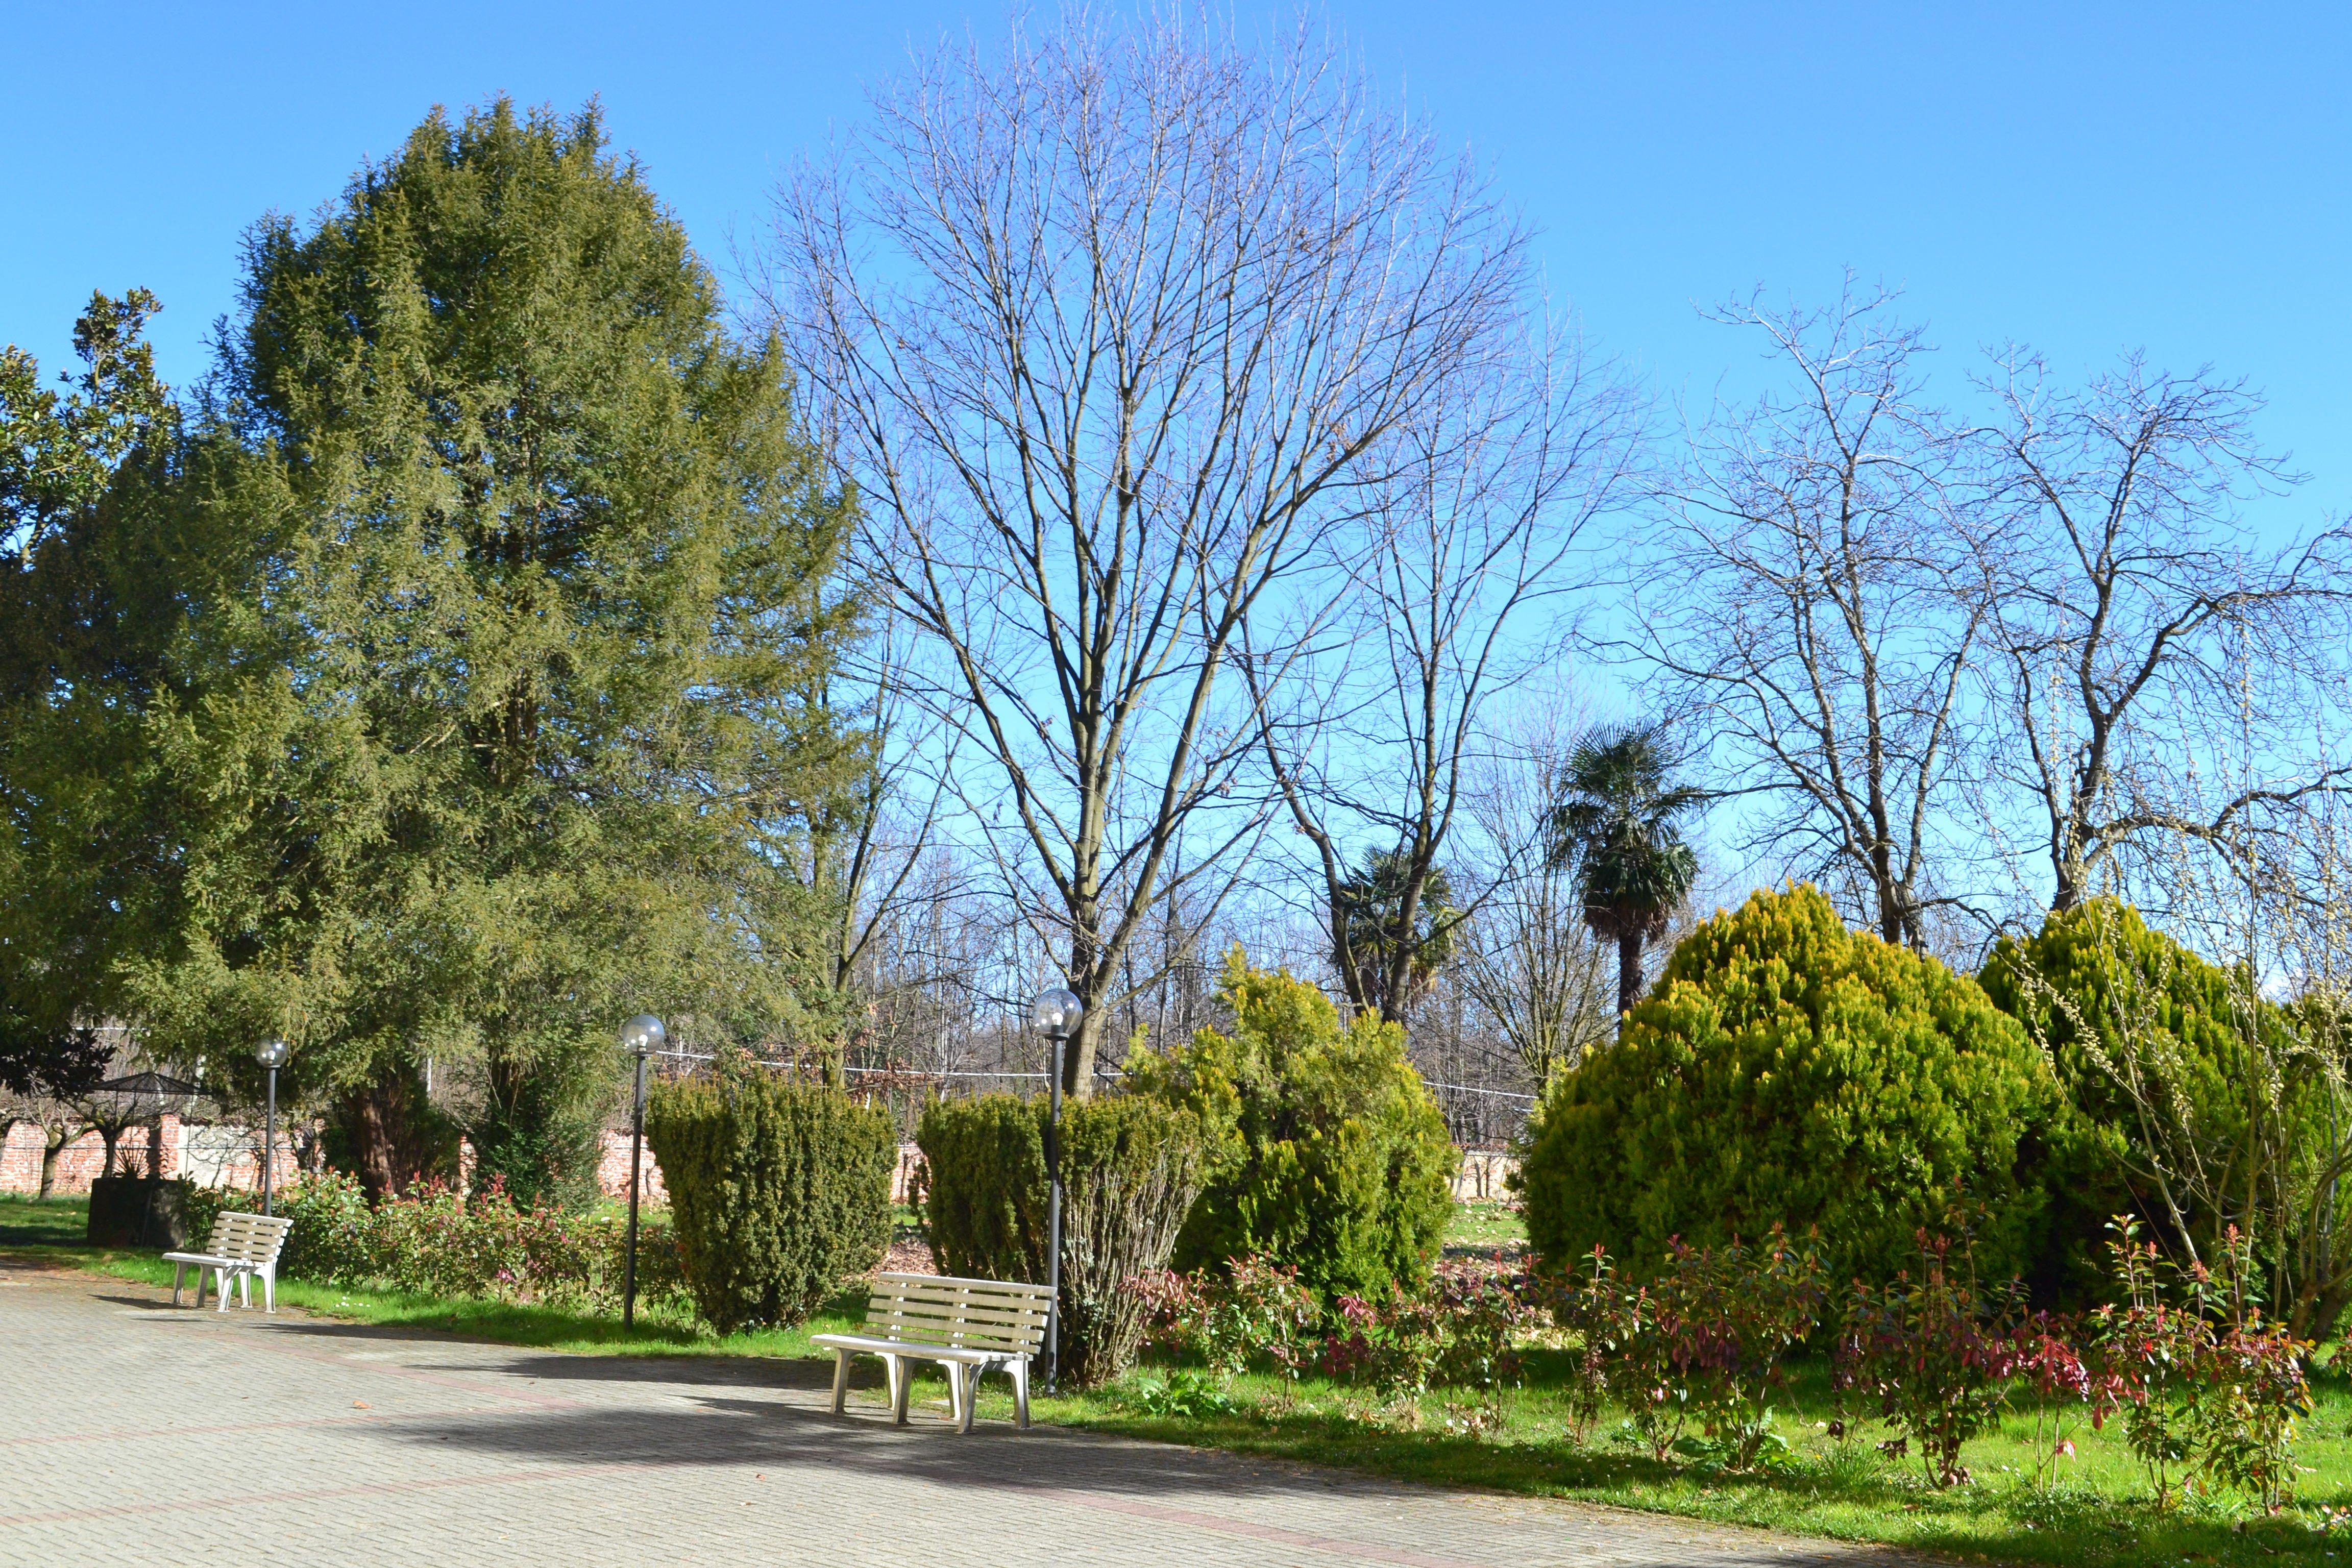 veduta esterna con alberi e piante